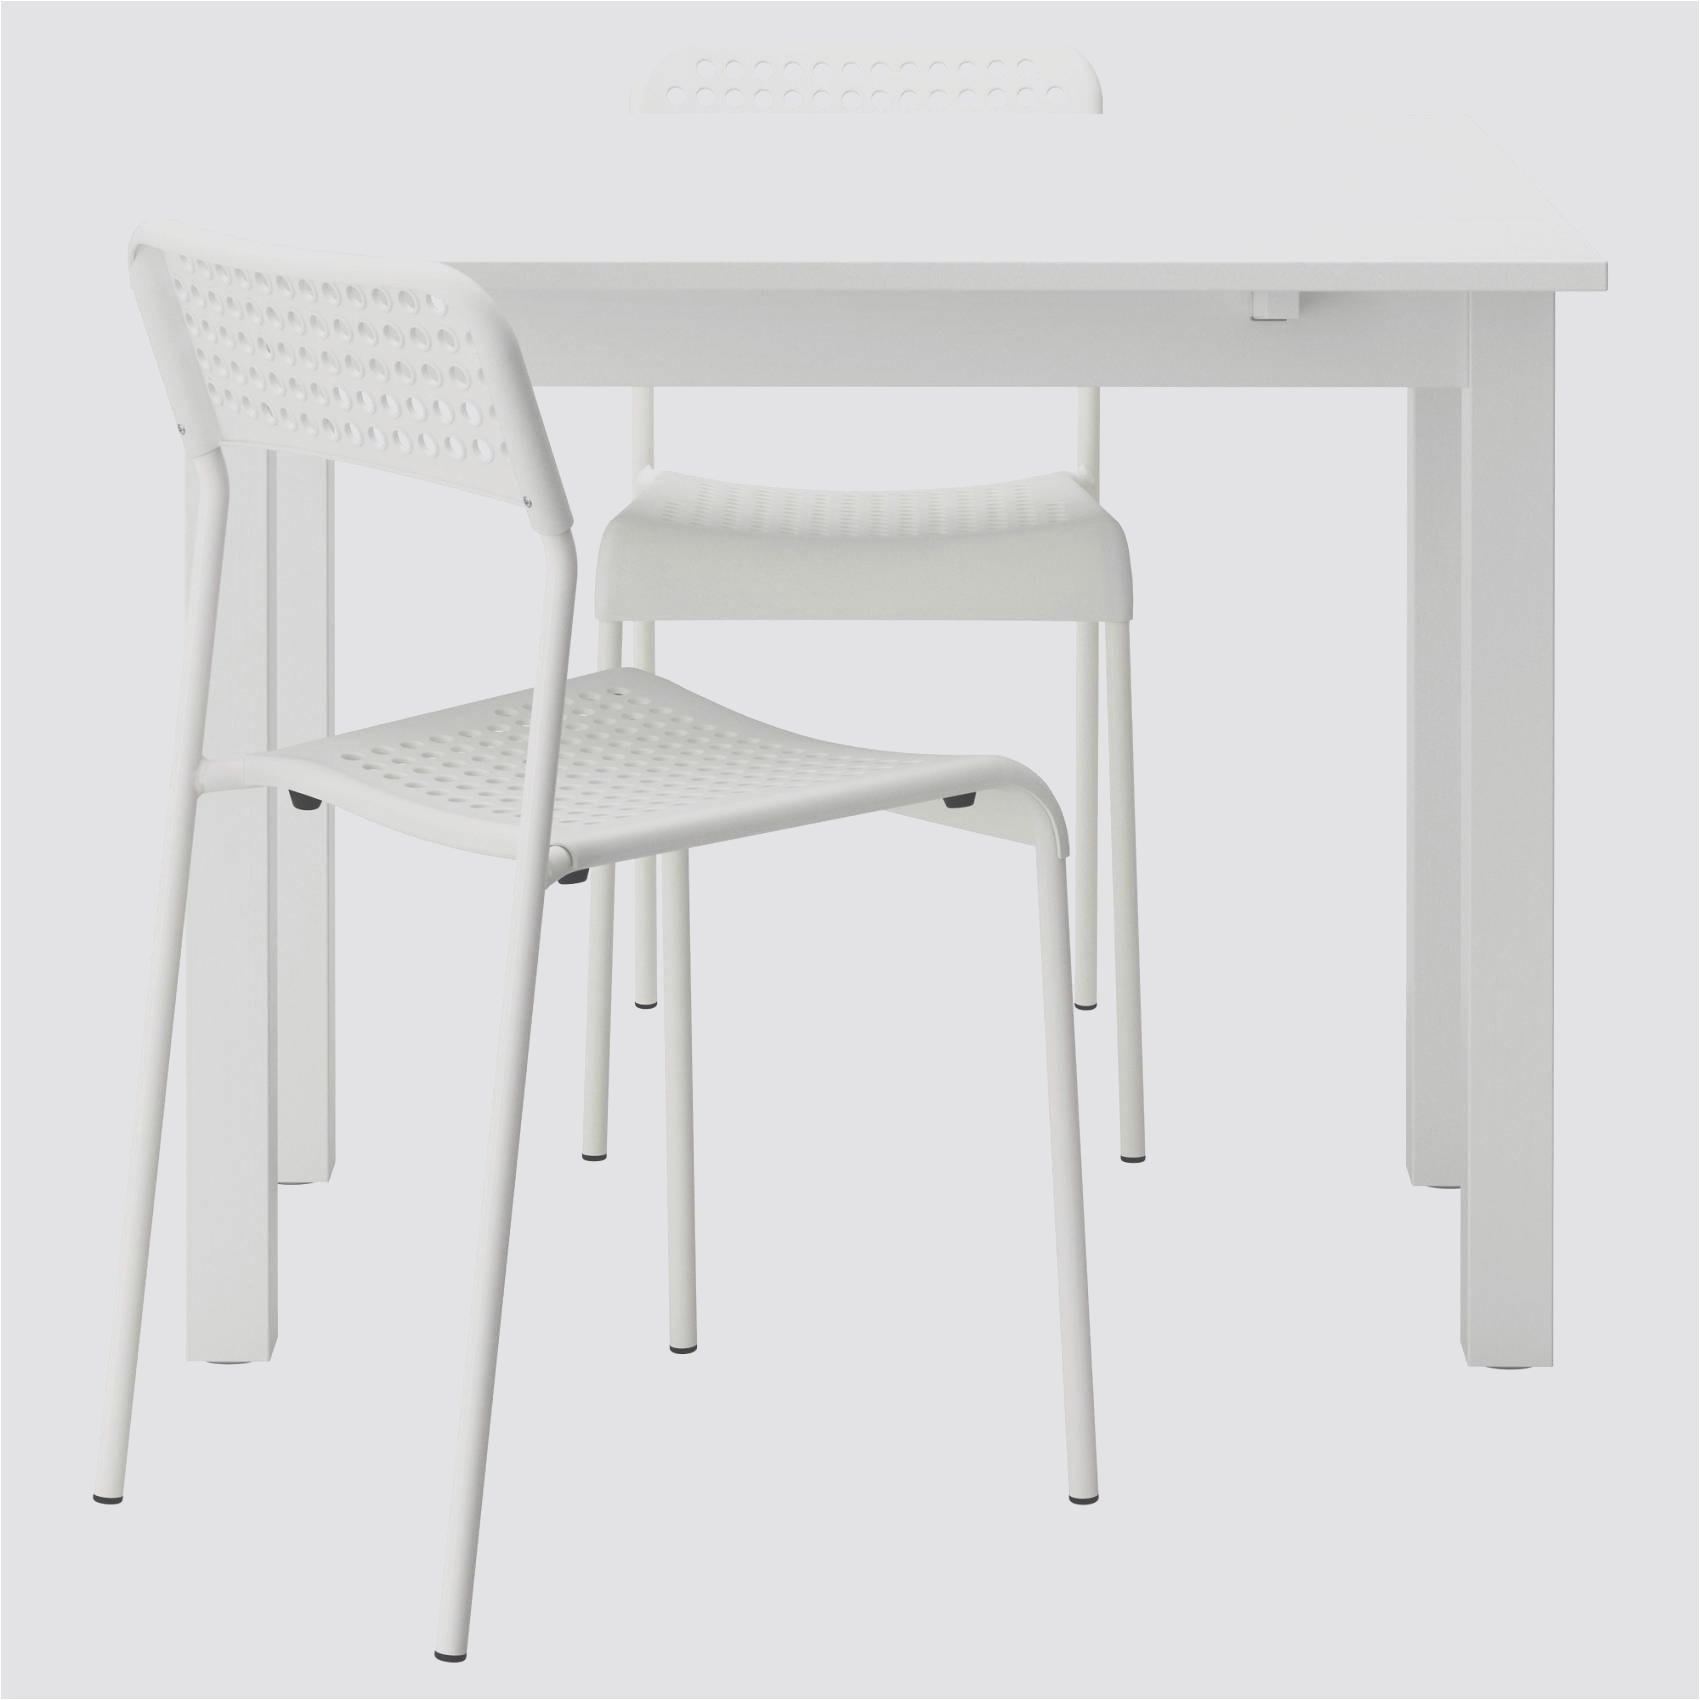 Canapés Convertibles Ikea Beau Photos Résultat Supérieur 60 Inspirant Table Et Chaise Fer forgé Stock 2018